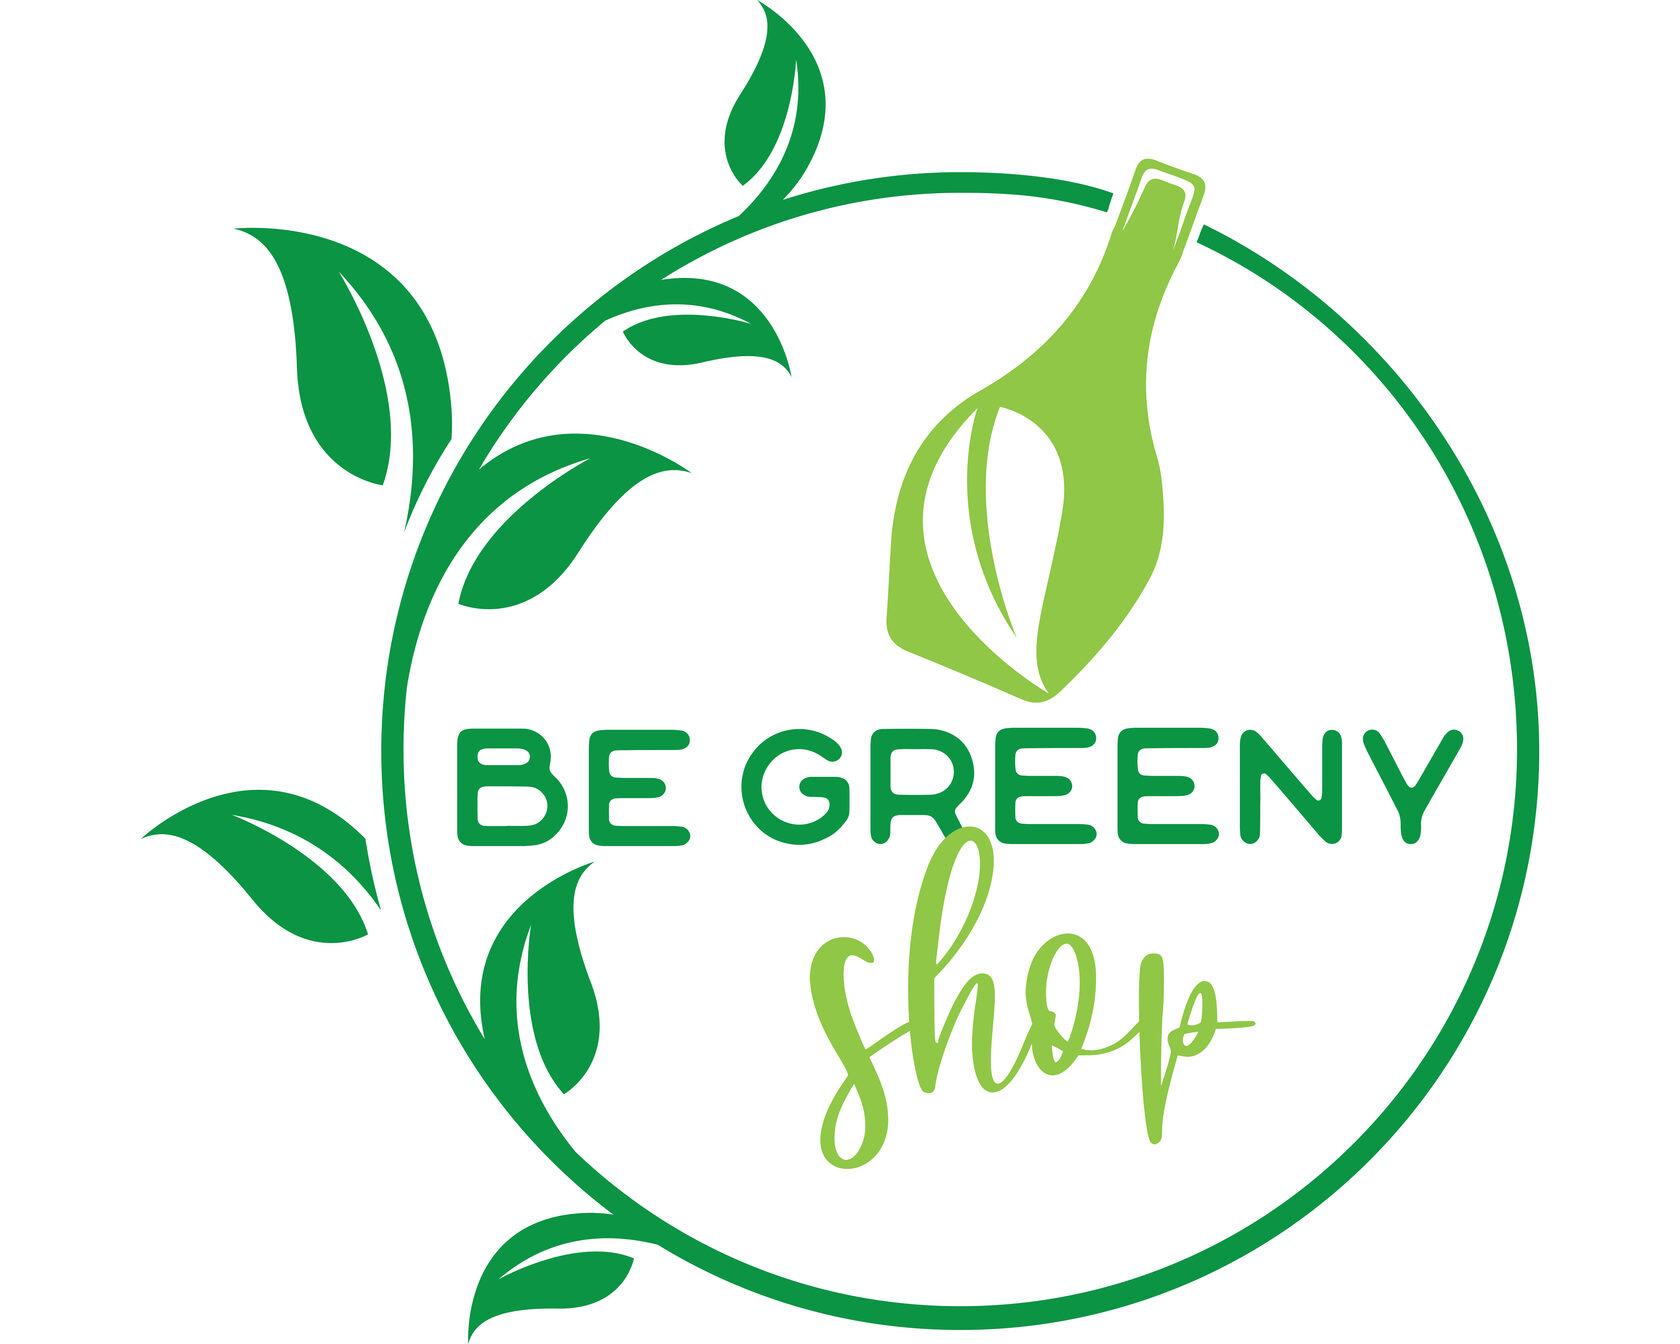 BE GREENY SHOP